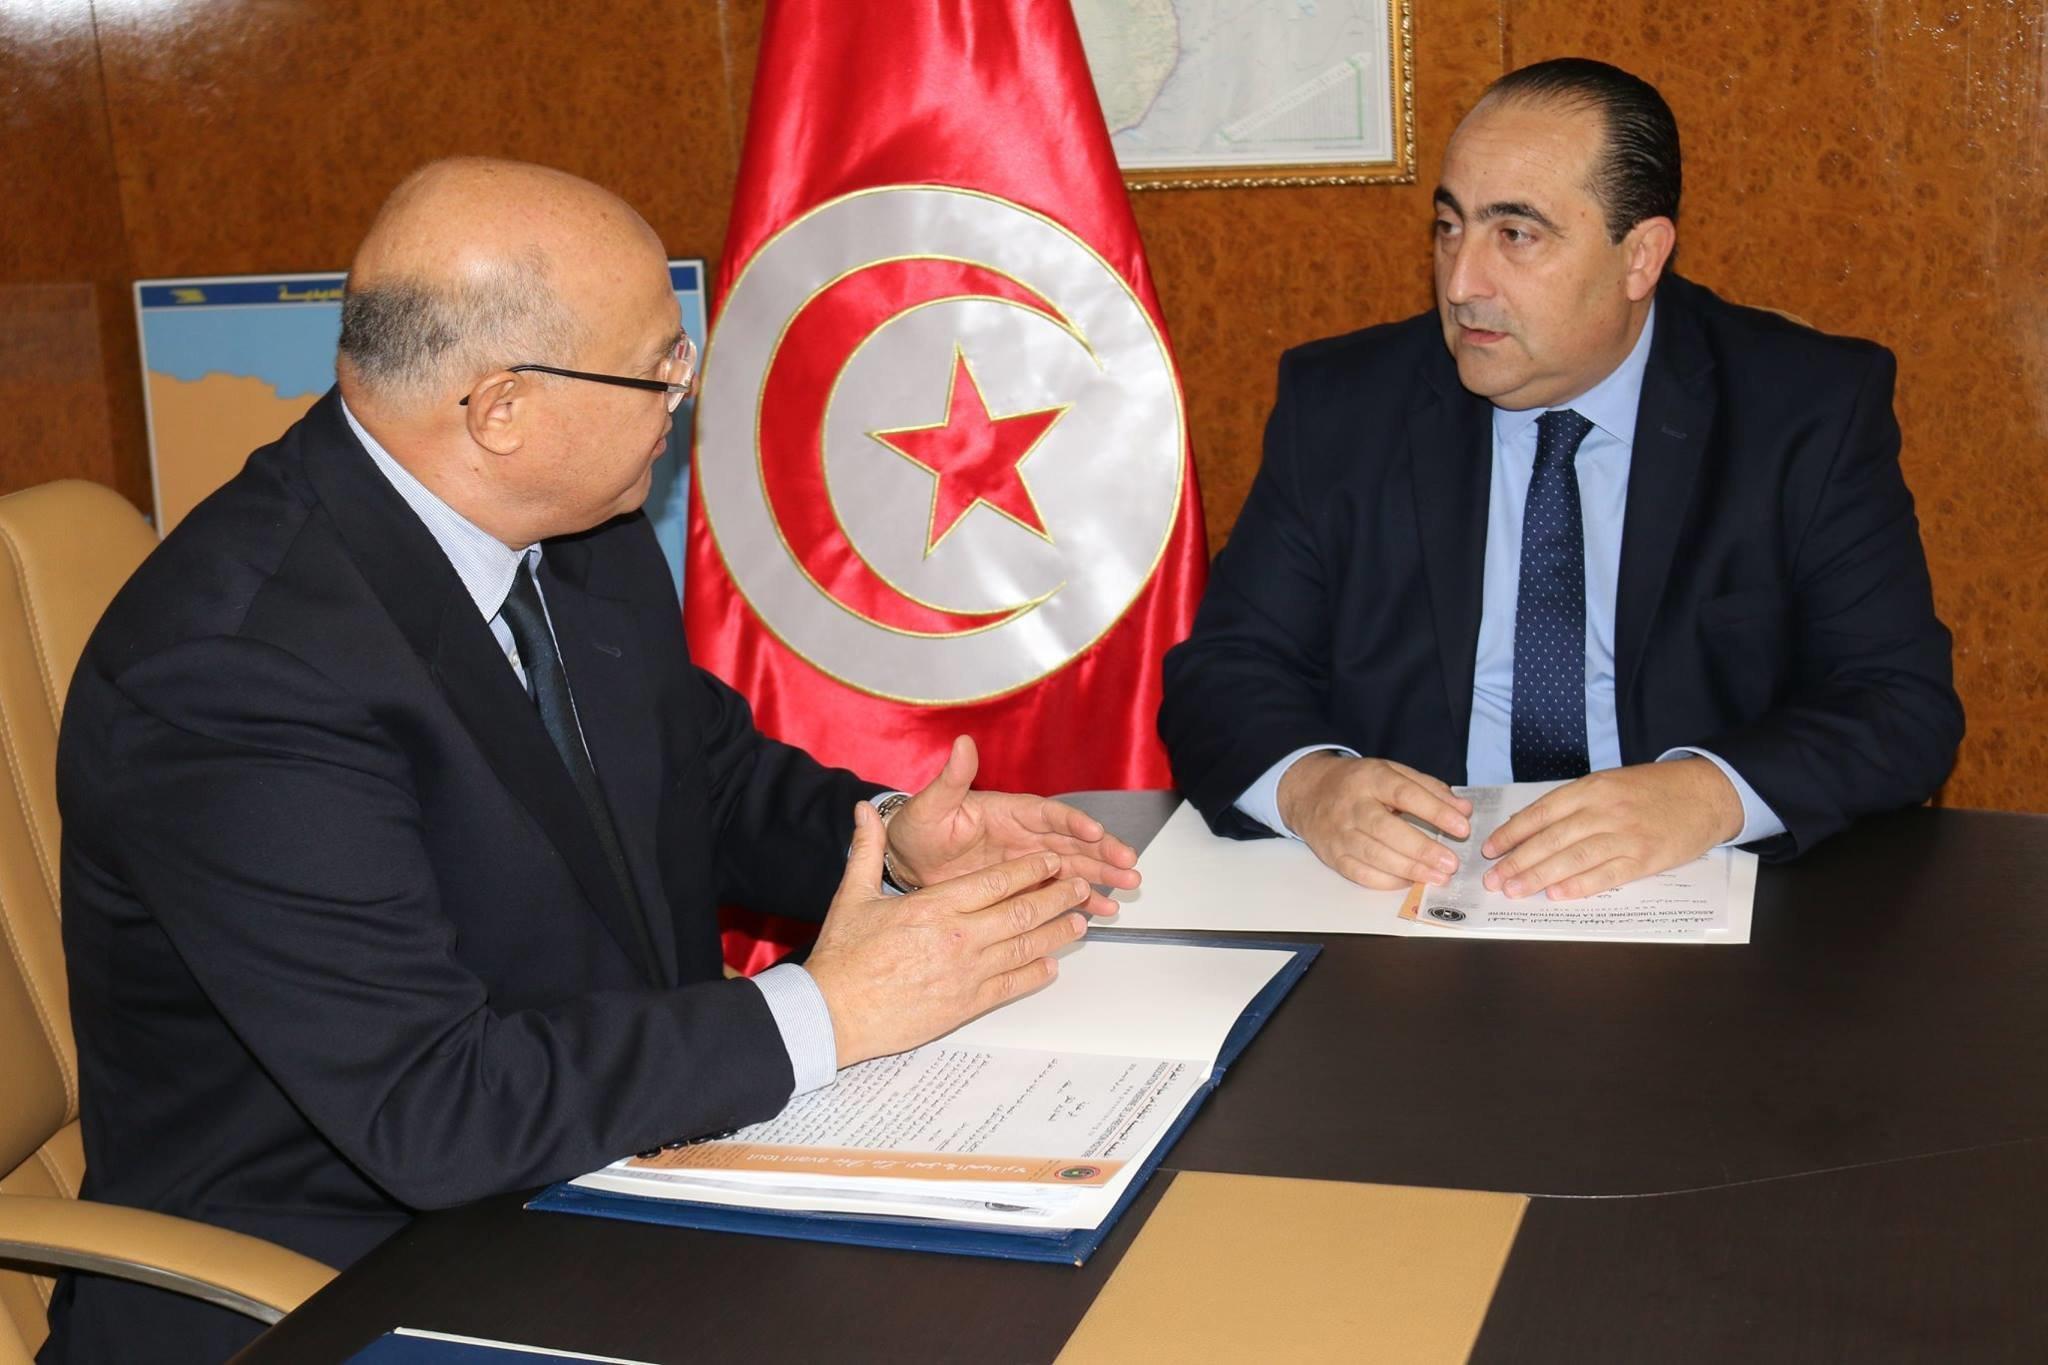 Le ministre du Transport annonce le lancement de la réforme structurelle de